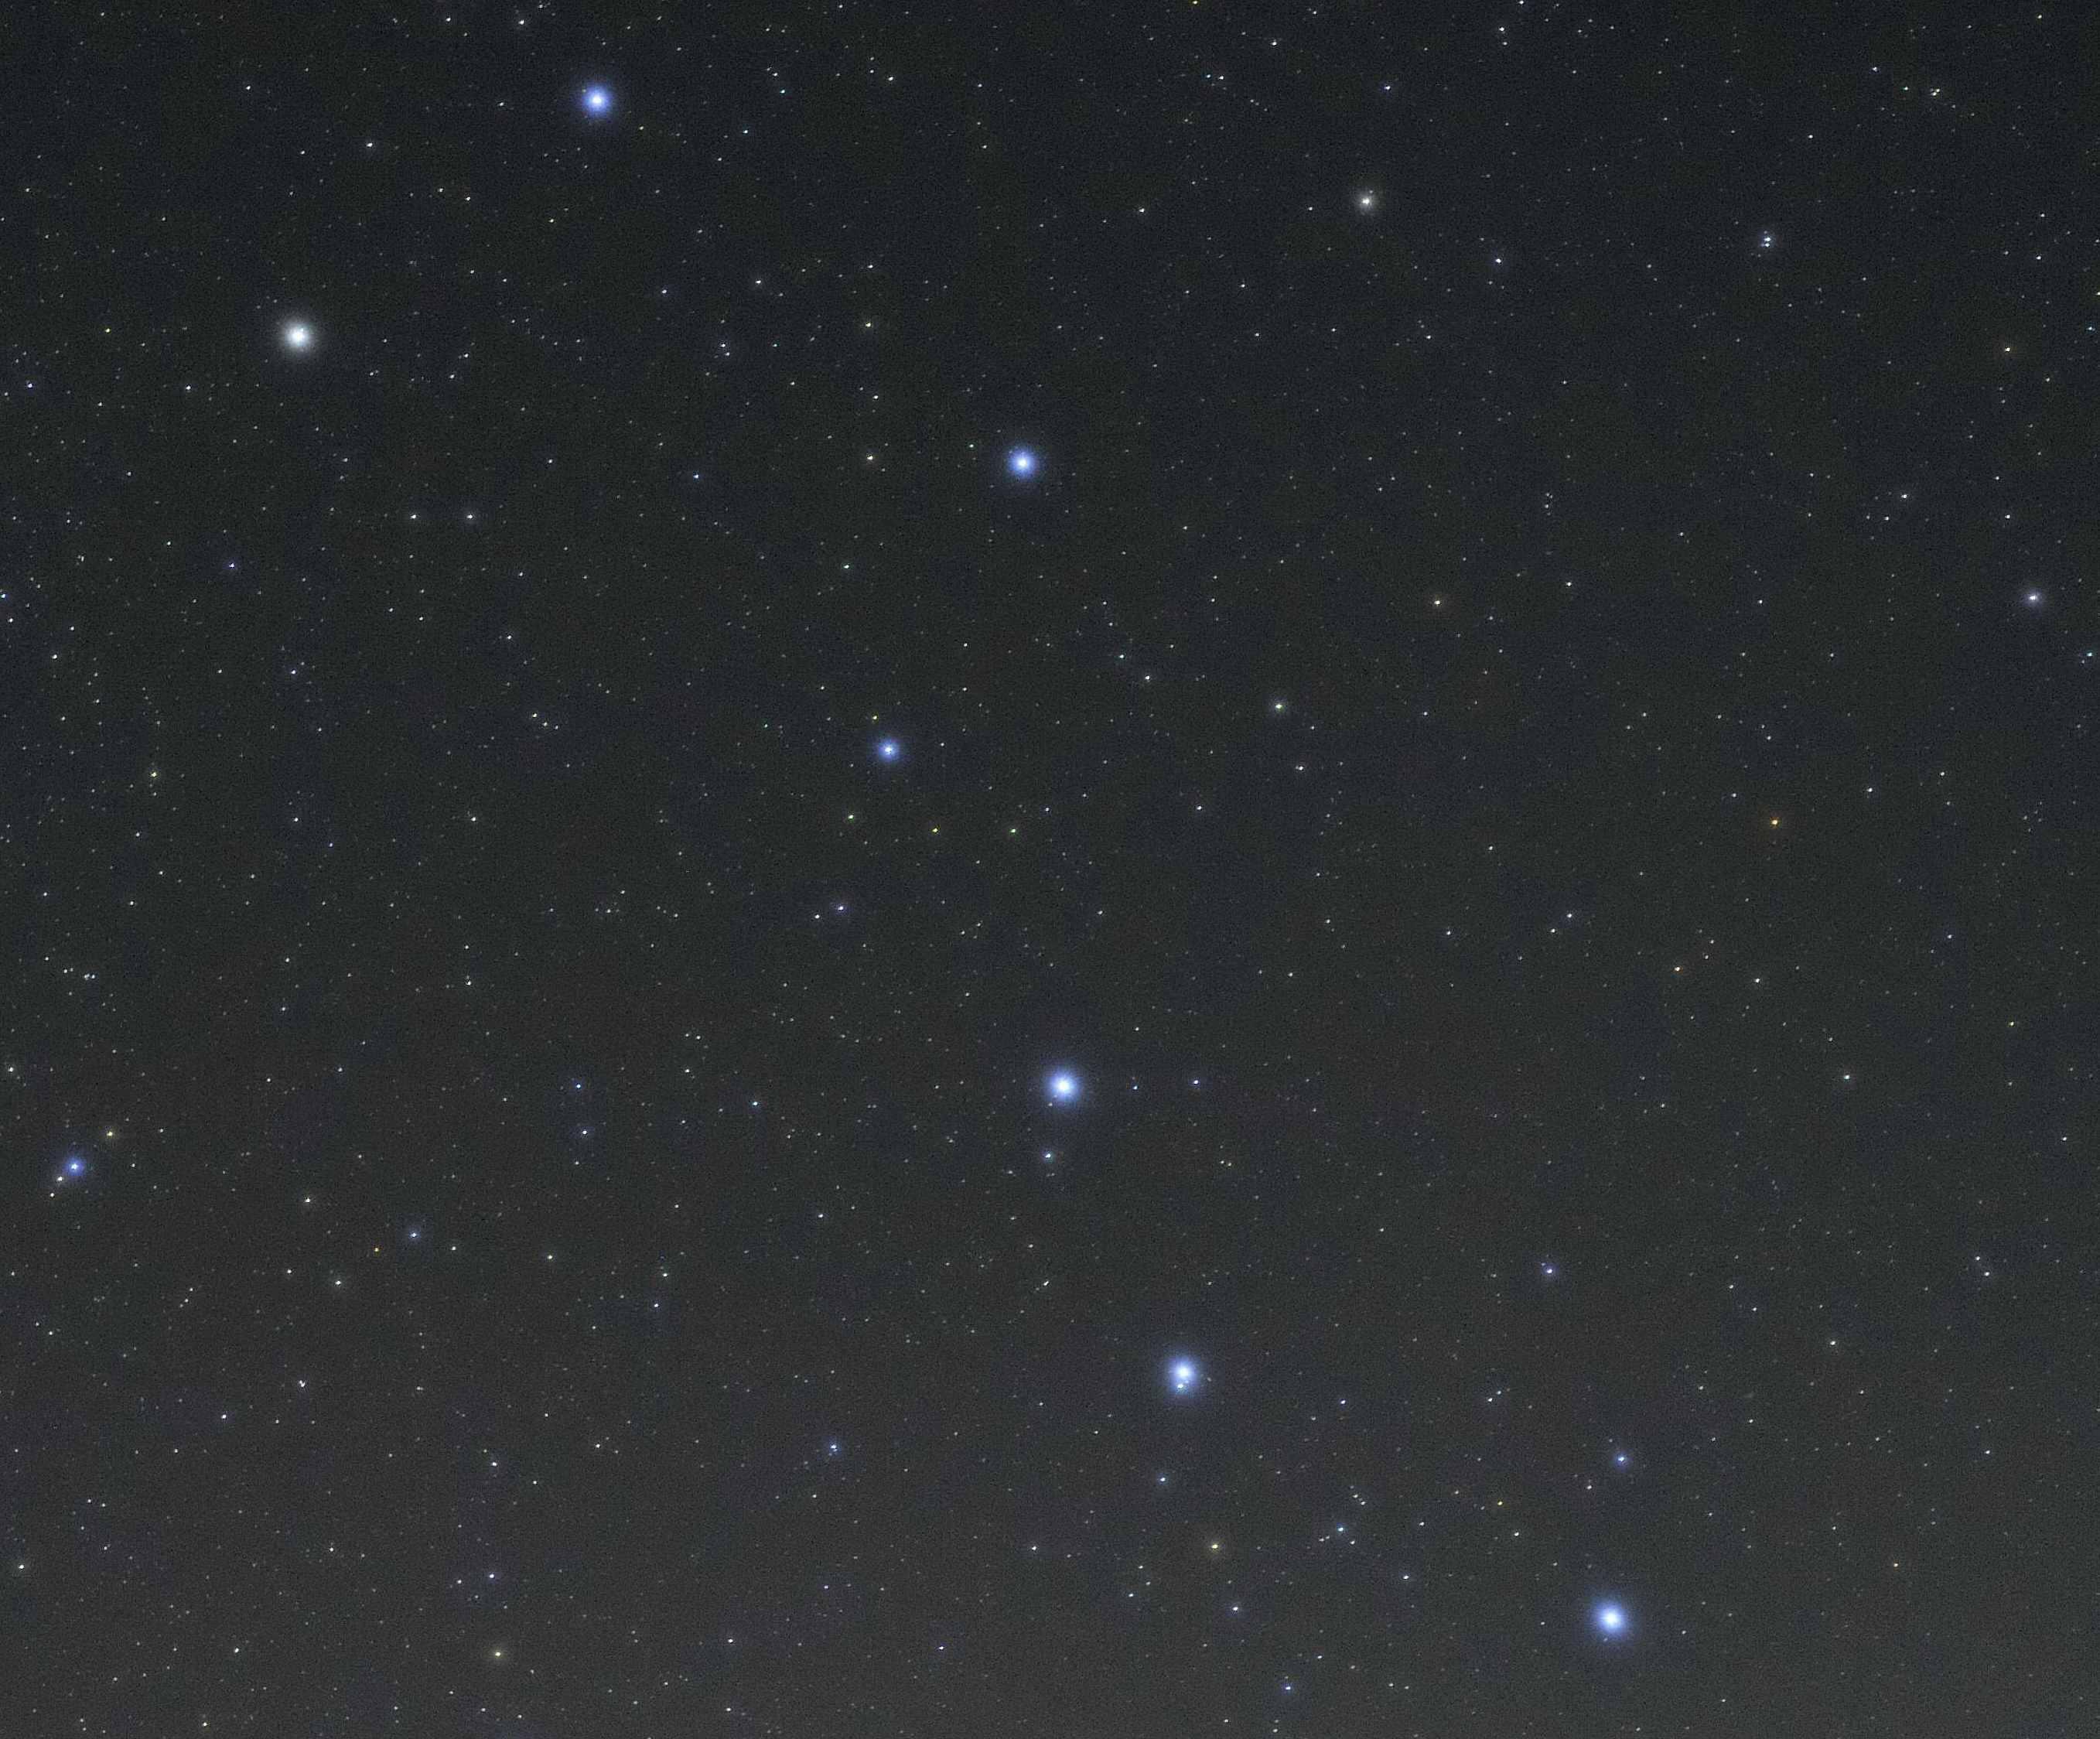 「北斗七星」の画像検索結果